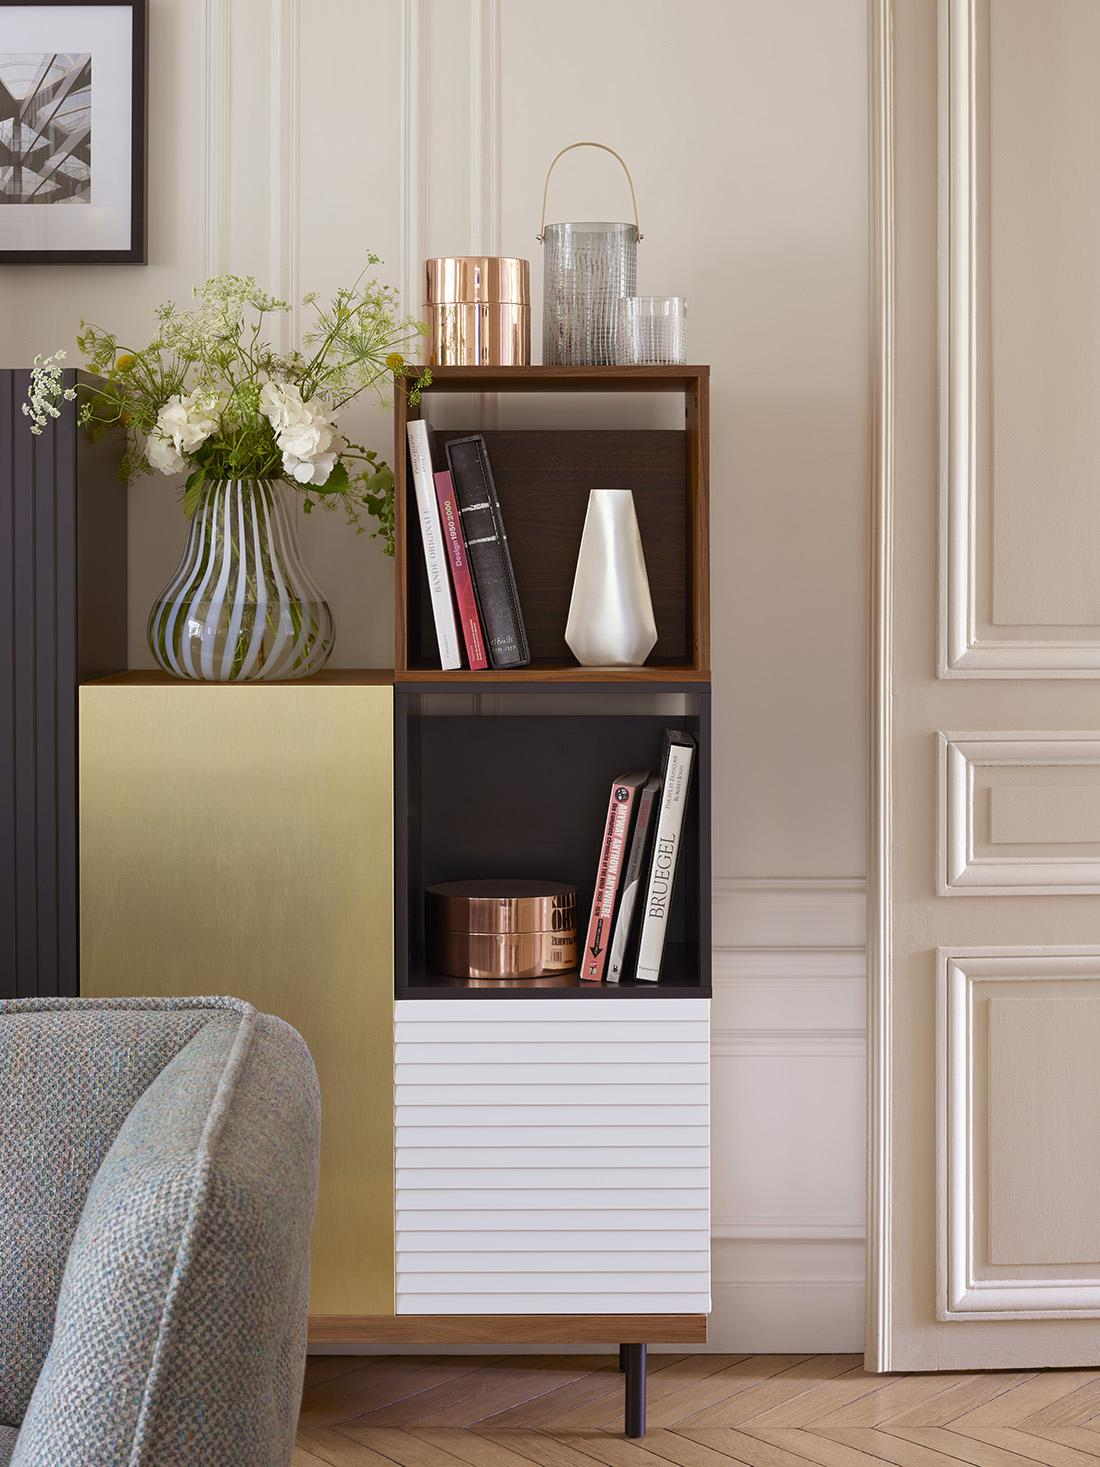 Charming Kommode Im Wohnzimmer #blumendeko #kommode #skandinavischesdesign ©Habitat Pictures